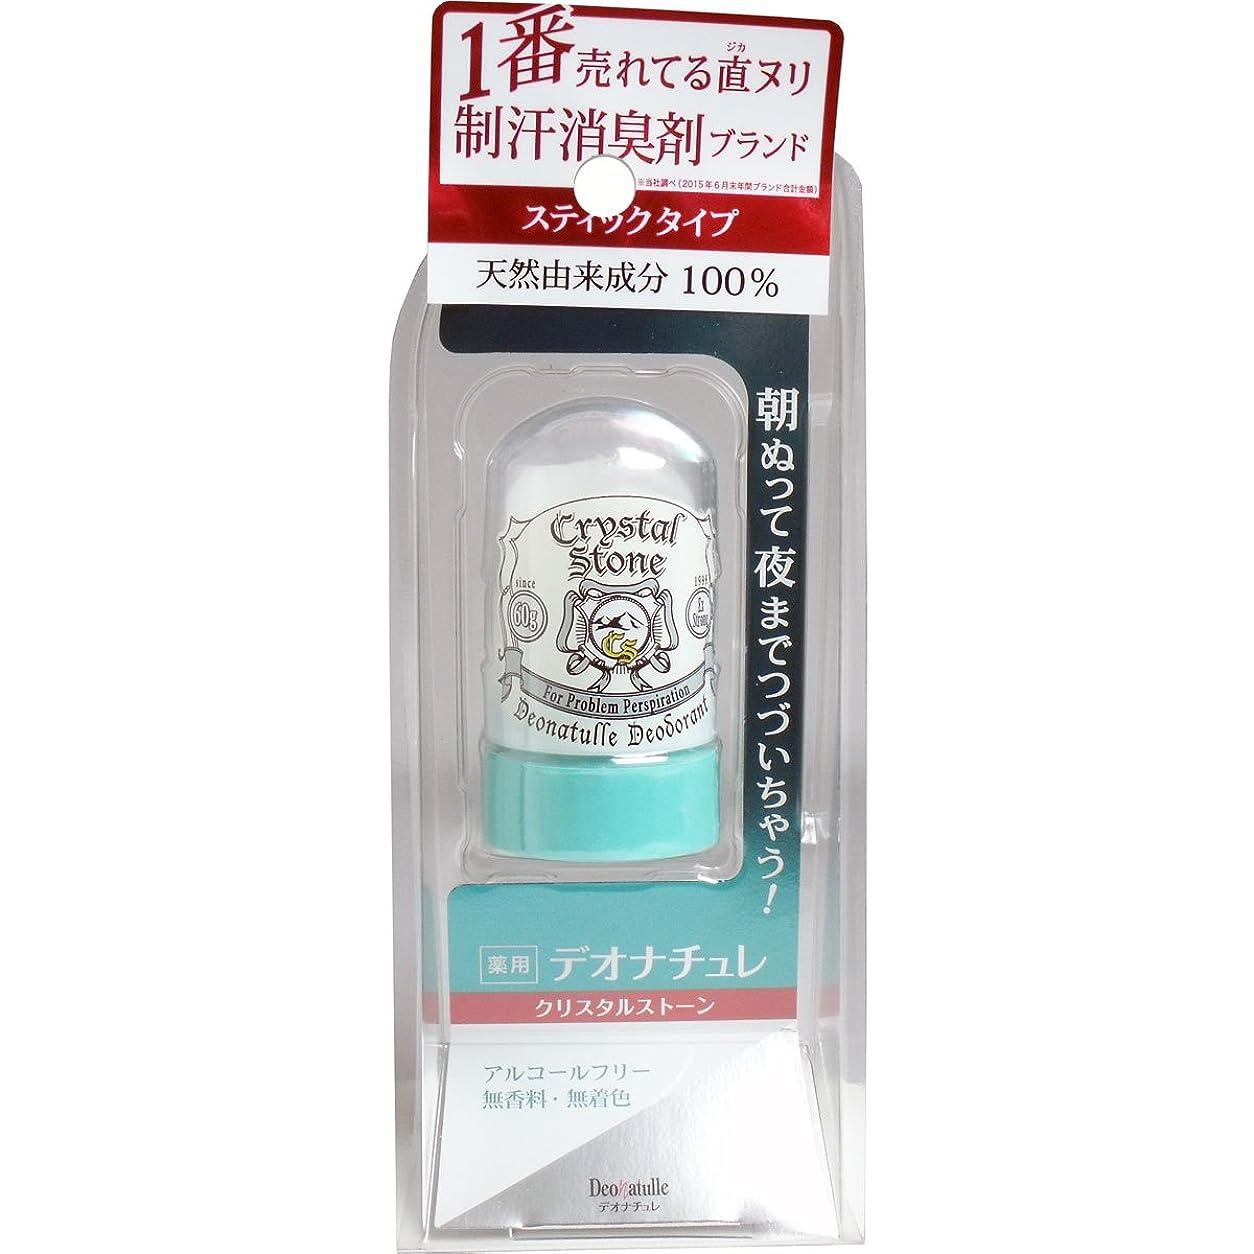 買い手スクラブシールデオナチュレ クリスタルストーン 60g(医薬部外品)(お買い得3個セット)